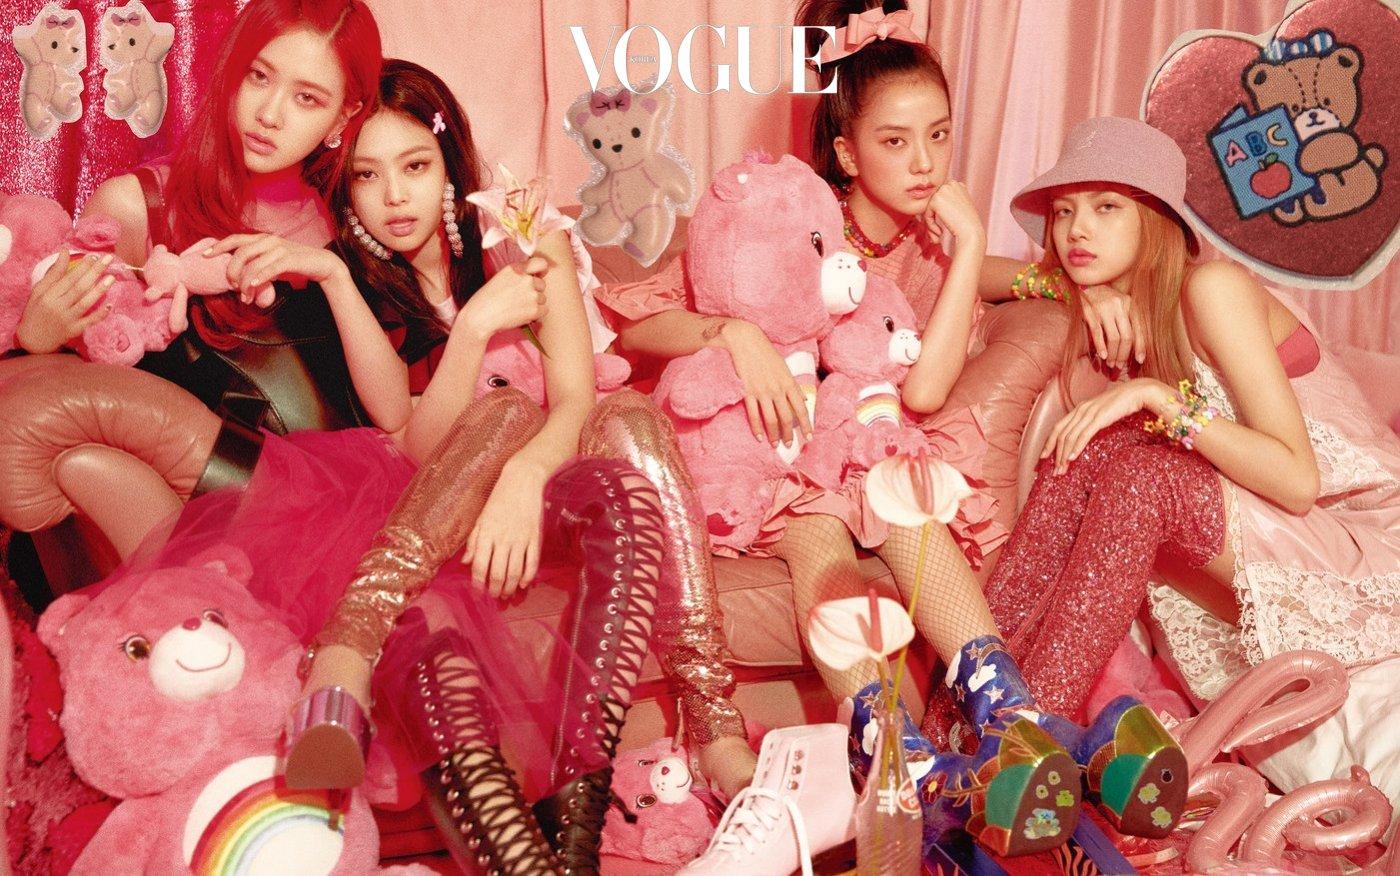 BLACKPINK for Vogue Korea, August 2018.